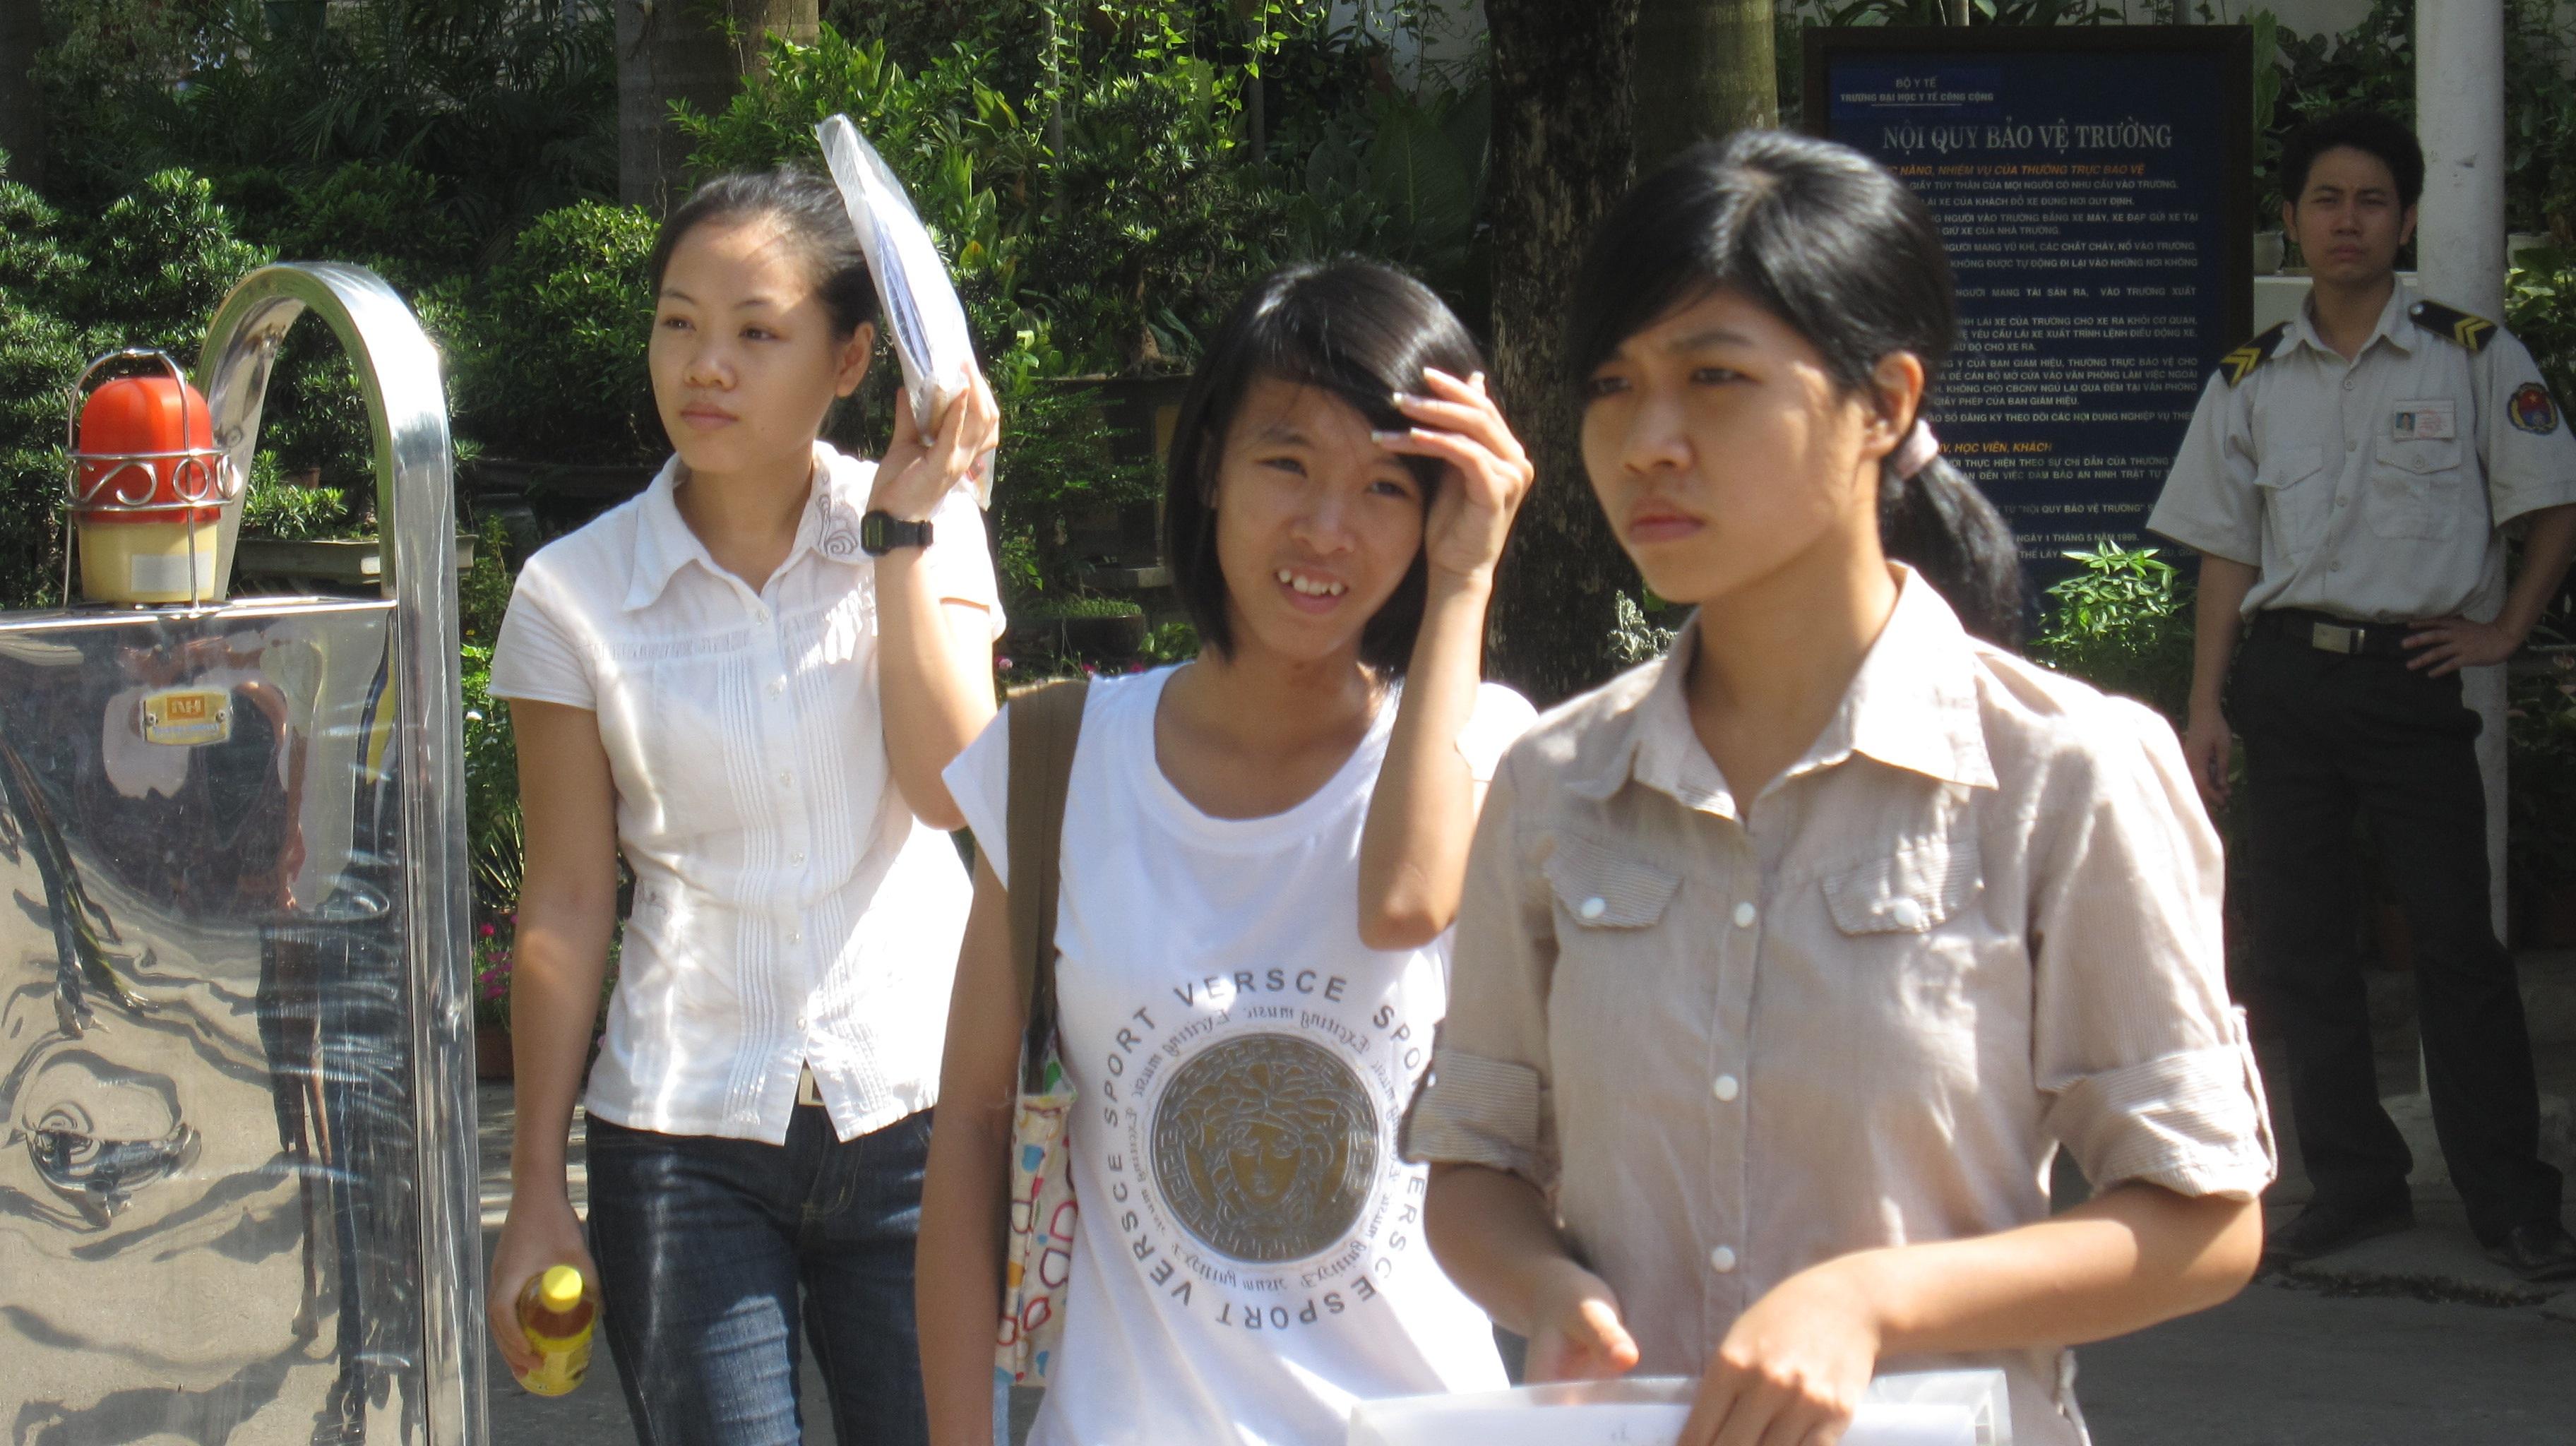 Ngày 23/4, Sở GD&ĐT Hà Nội sẽ khảo sát kiến thức THCS trên toàn thành phố (ảnh: minh họa)